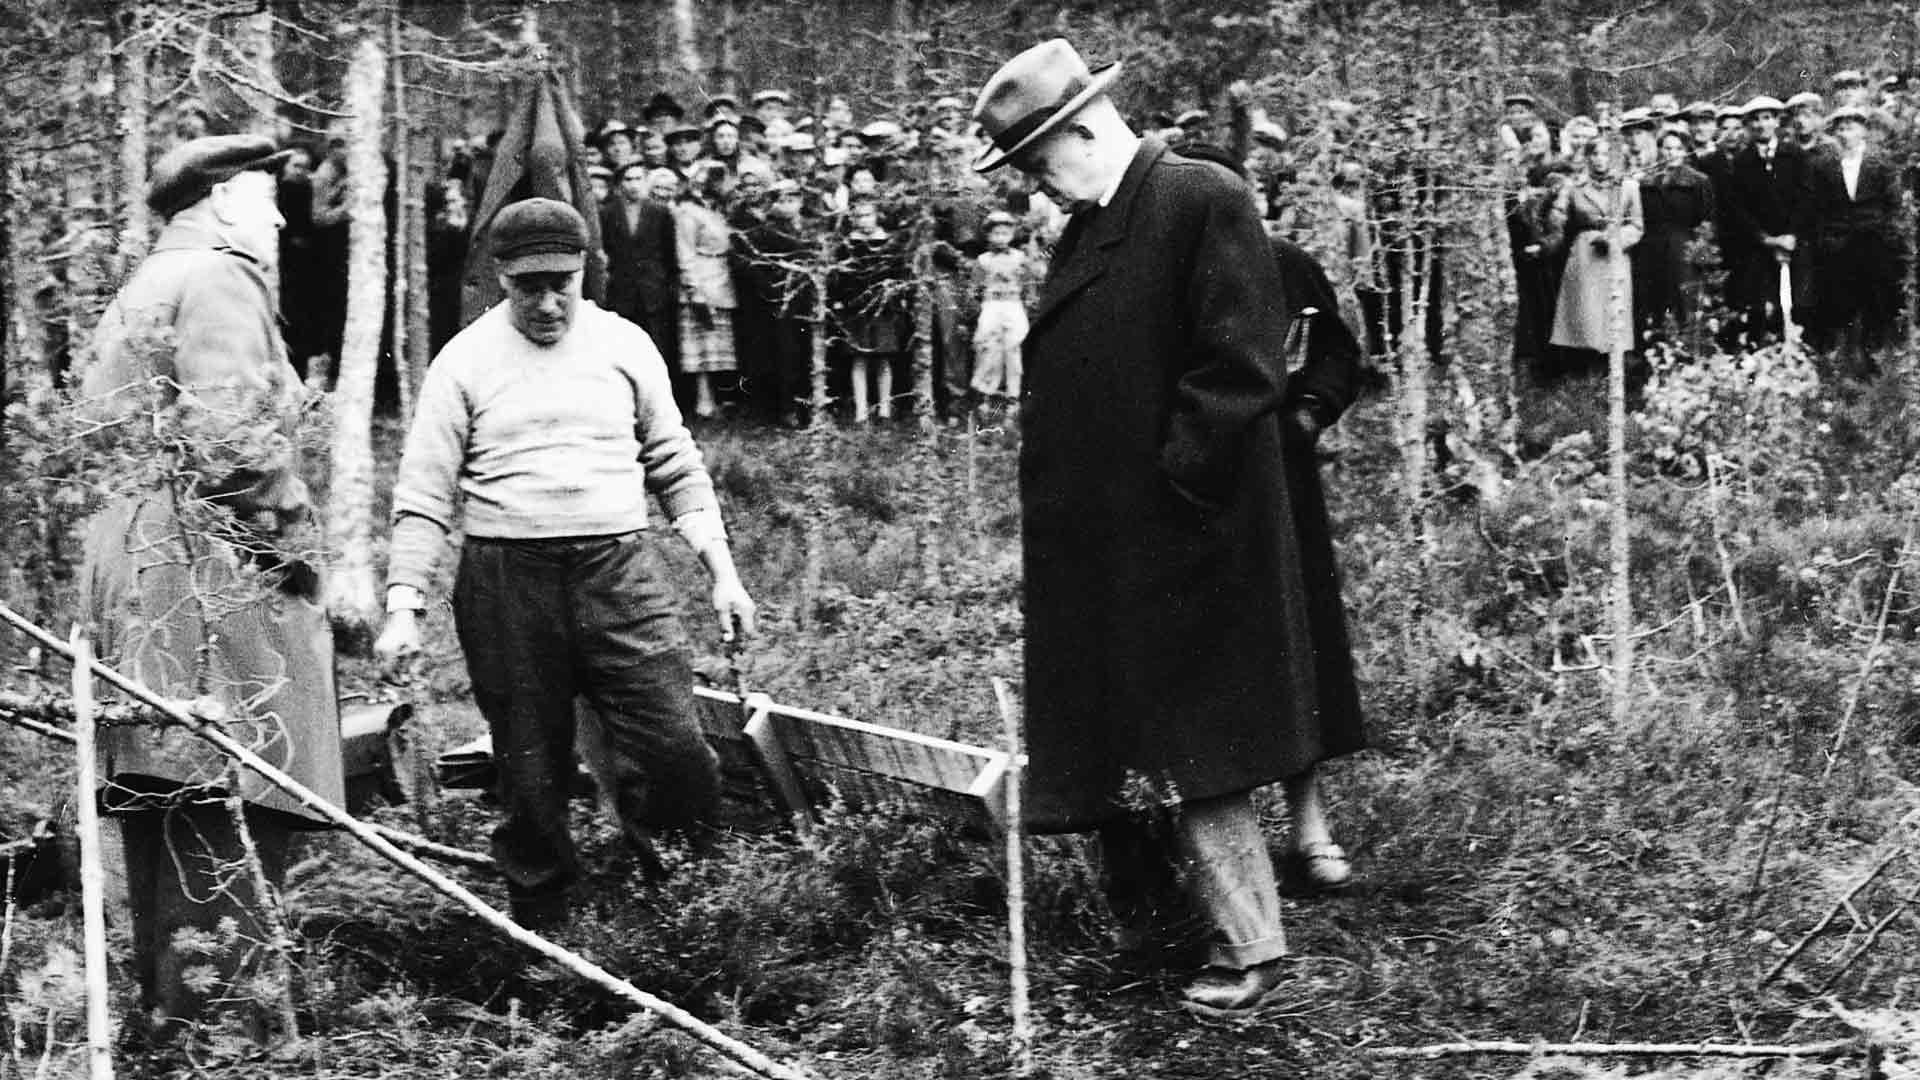 Isojoen lääninlääkäri Onni Hokkanen ja päätutkija Axel Skogman tutkivat suohautaa. Väkijoukko seuraa.